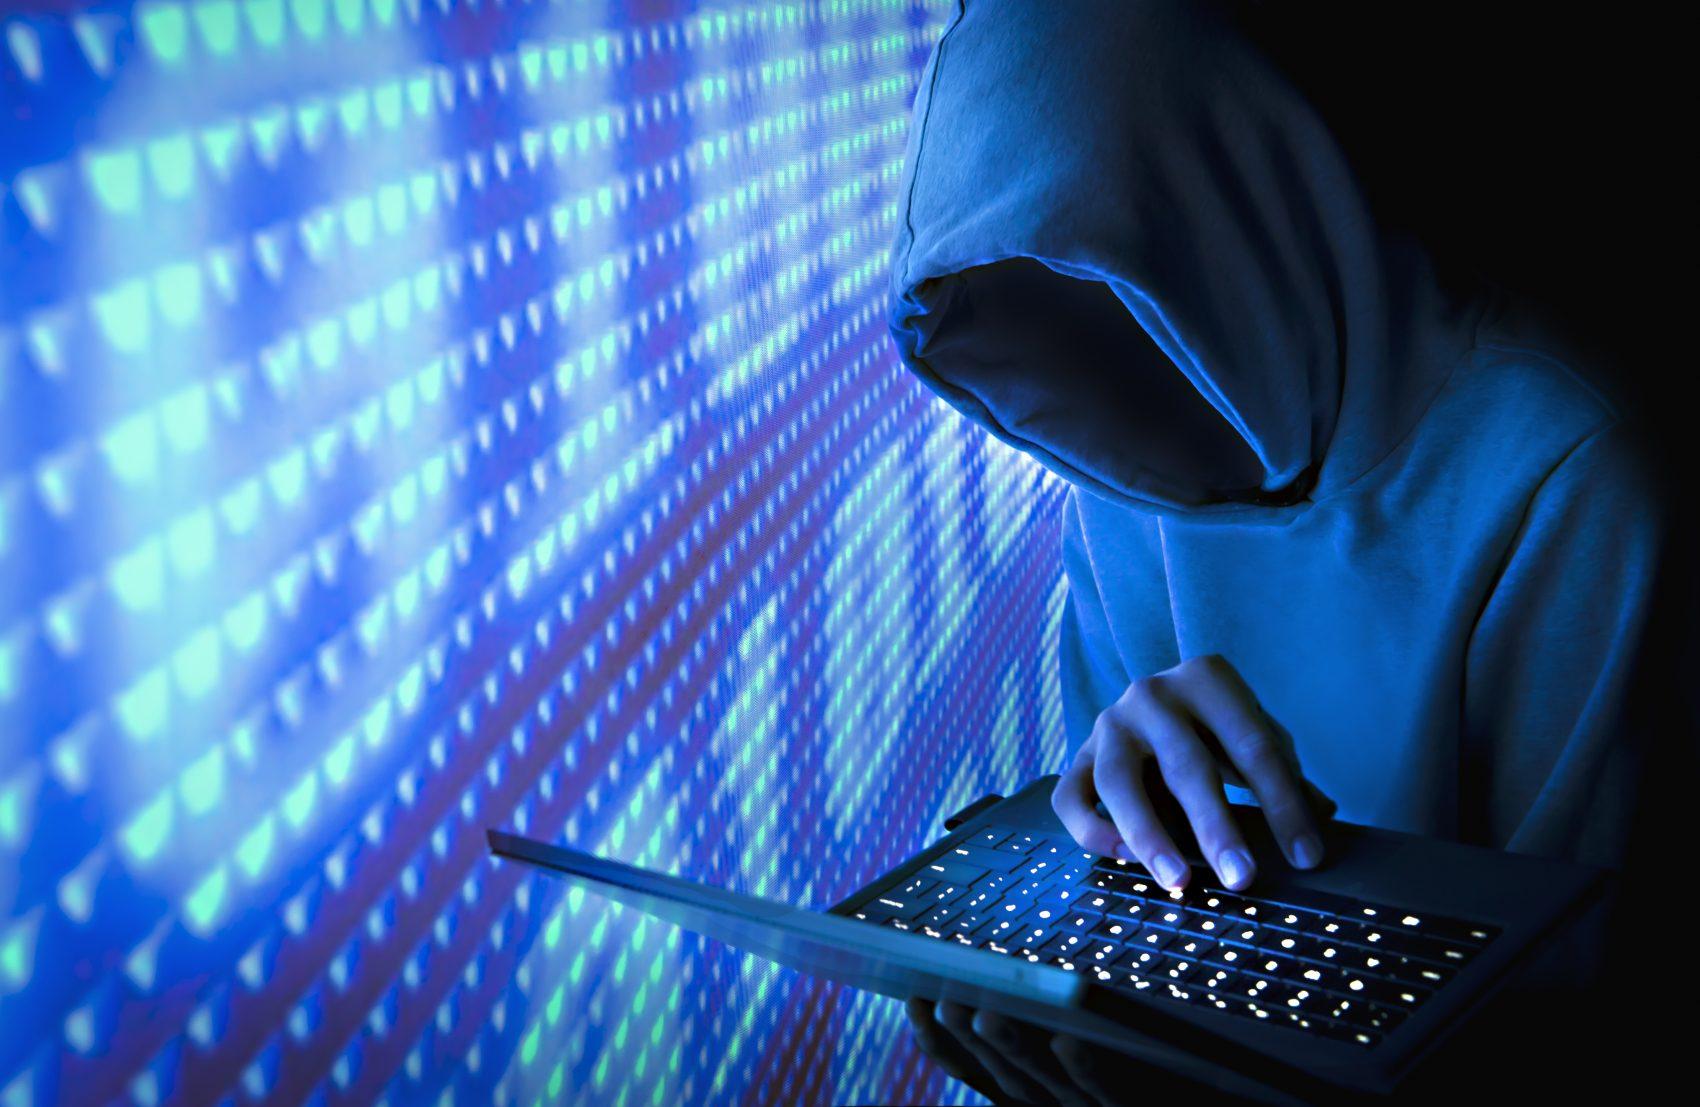 Sicurezza: una nuova campagna di phishing sfrutta un noto brand di telefonia